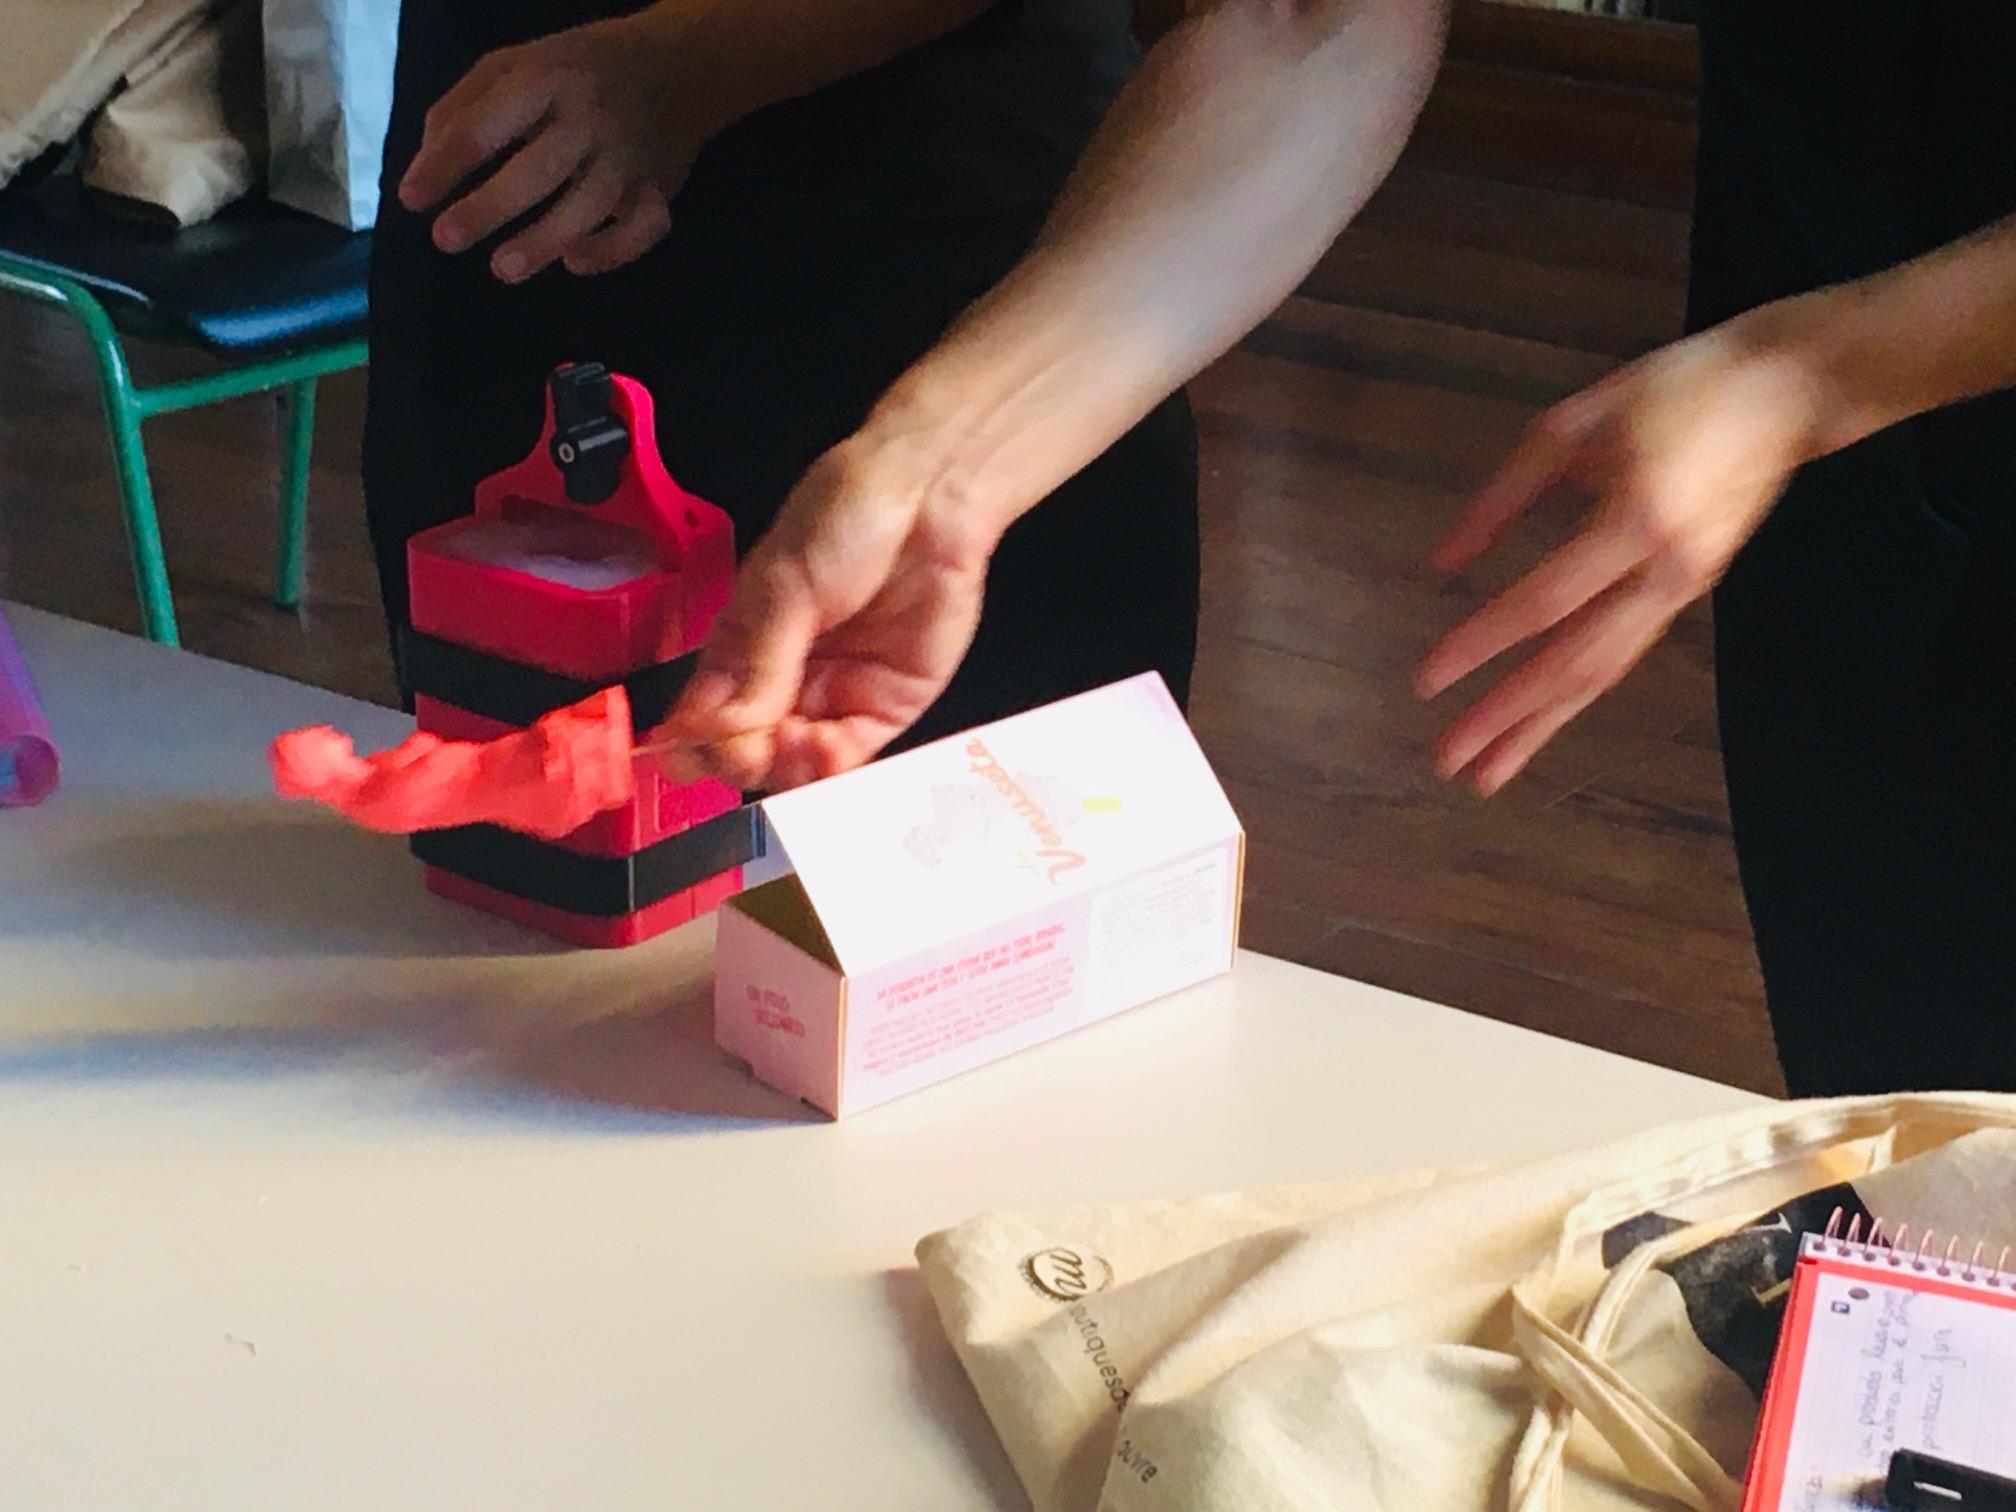 Las creadoras del helado La Venuseta visitan el Máster de Packaging.